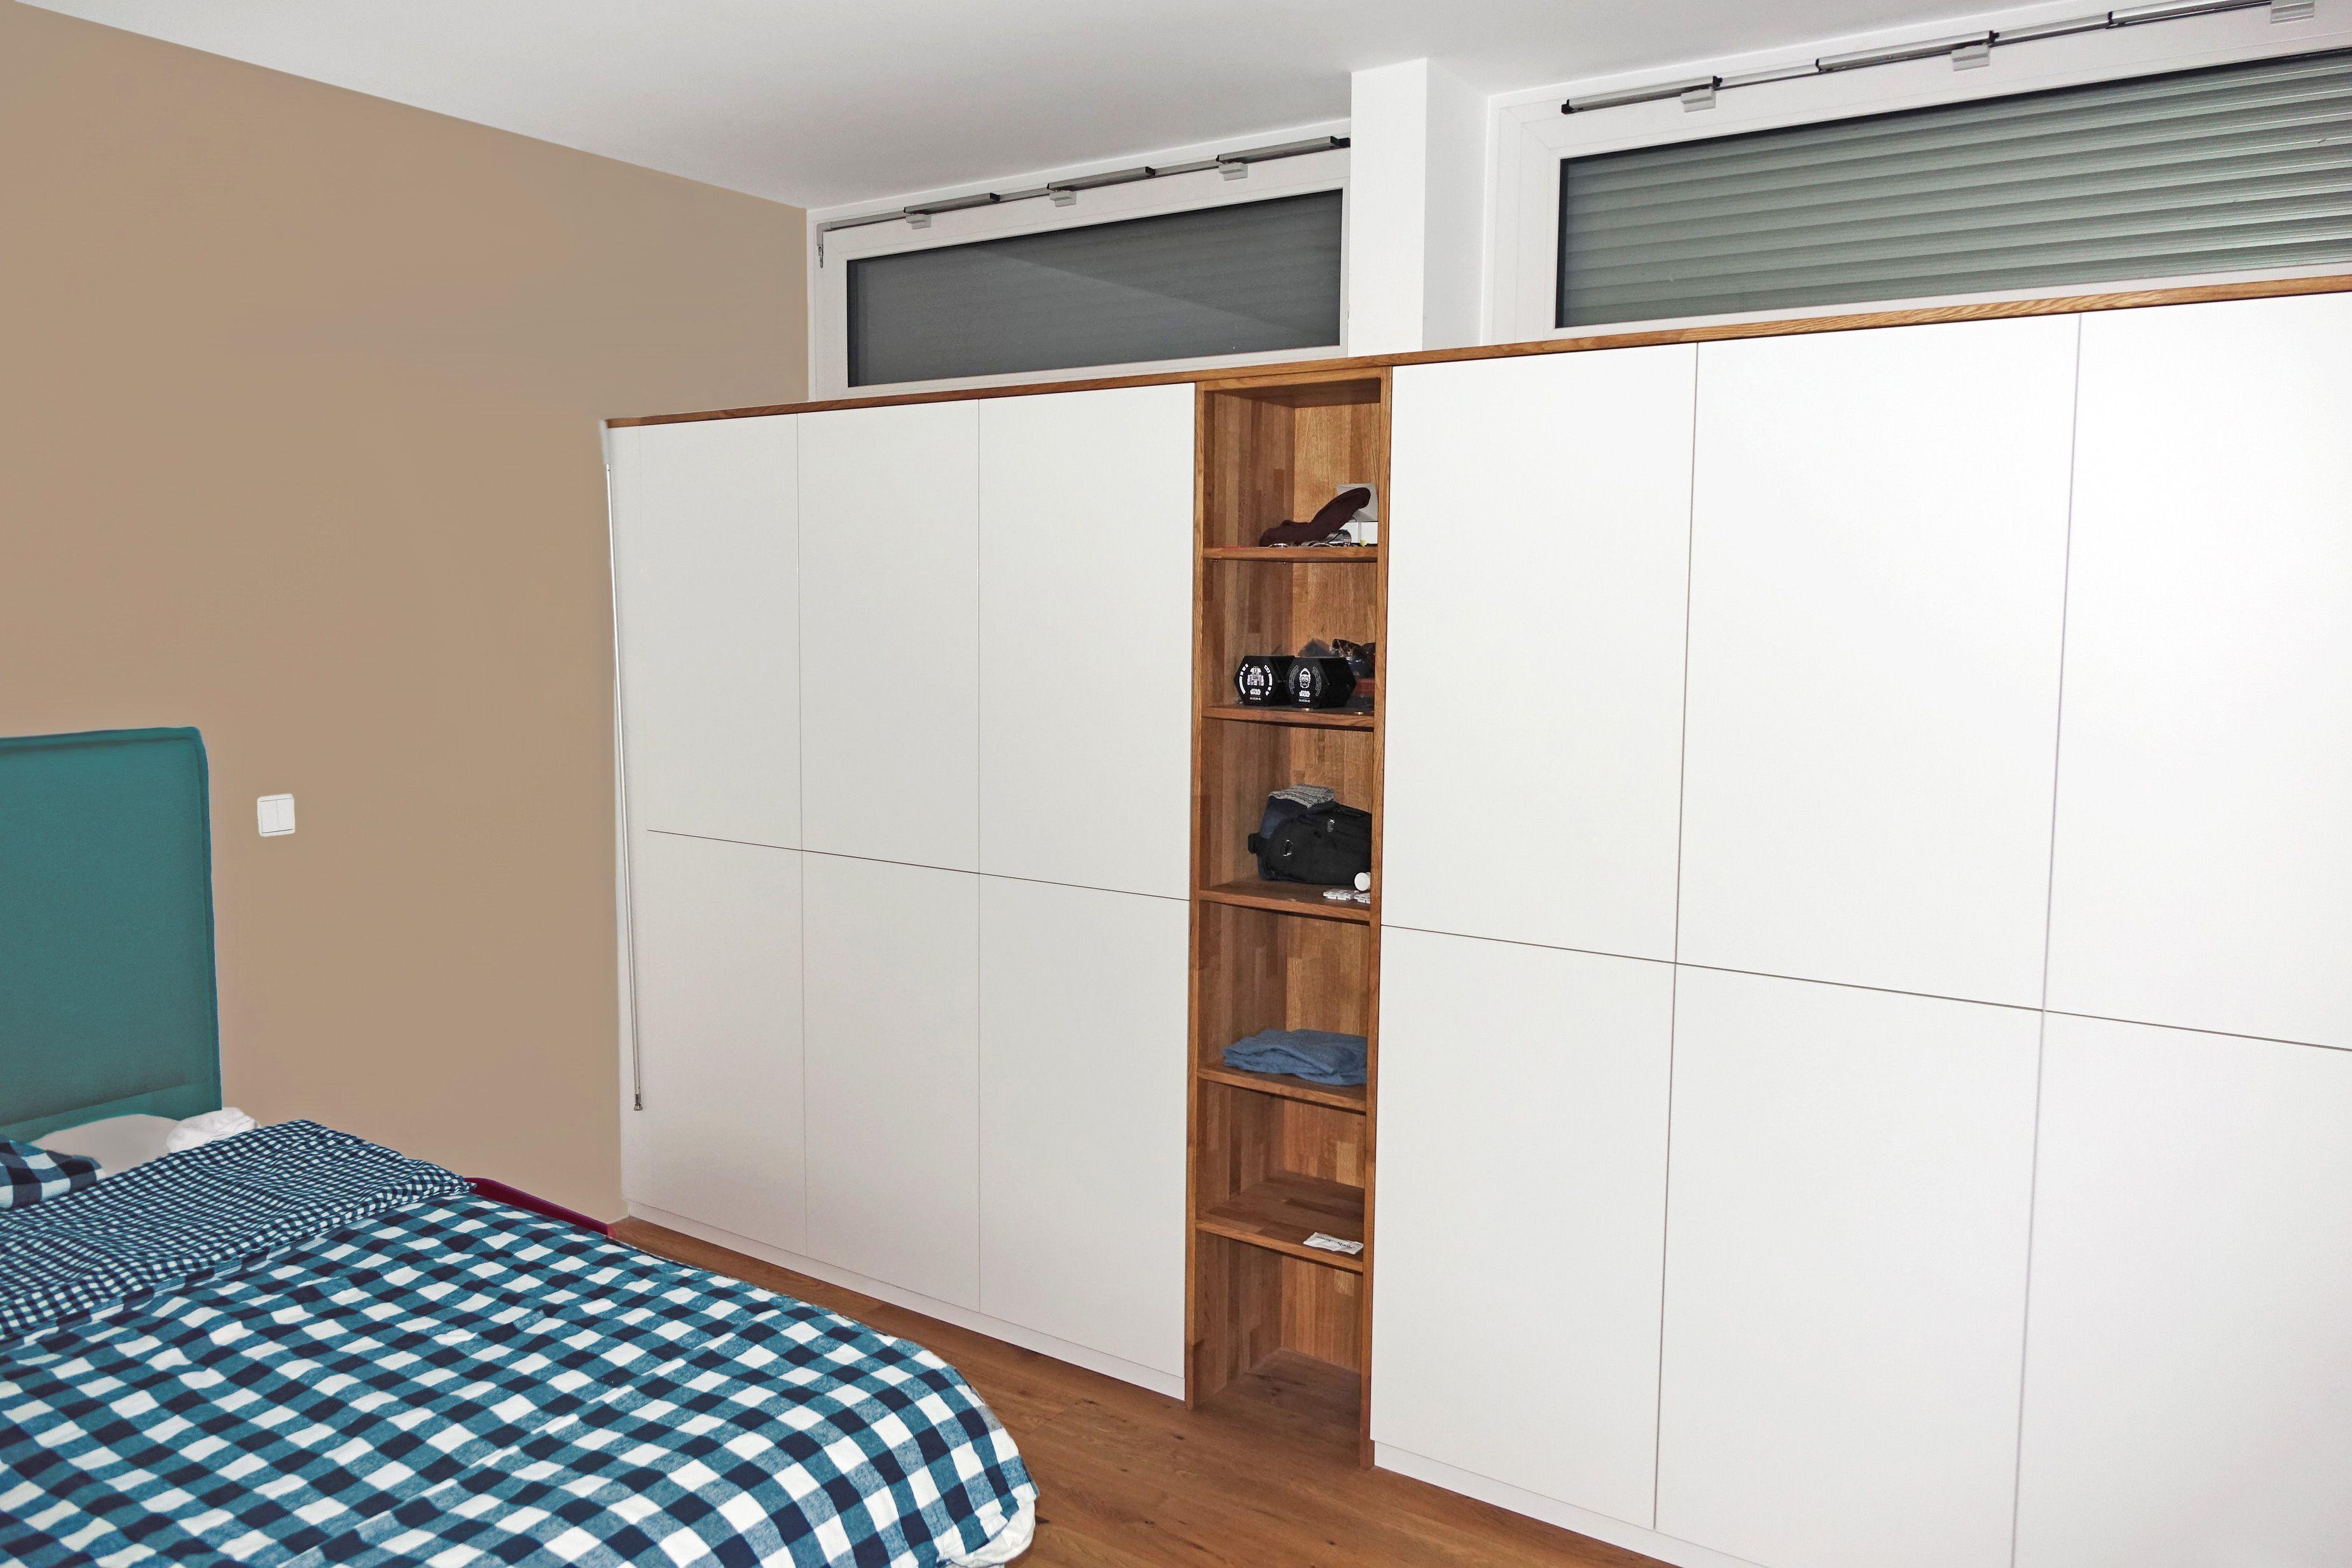 VOGEL wohnt(t)äume in Holz Einbauschrank im Schlafzimmer